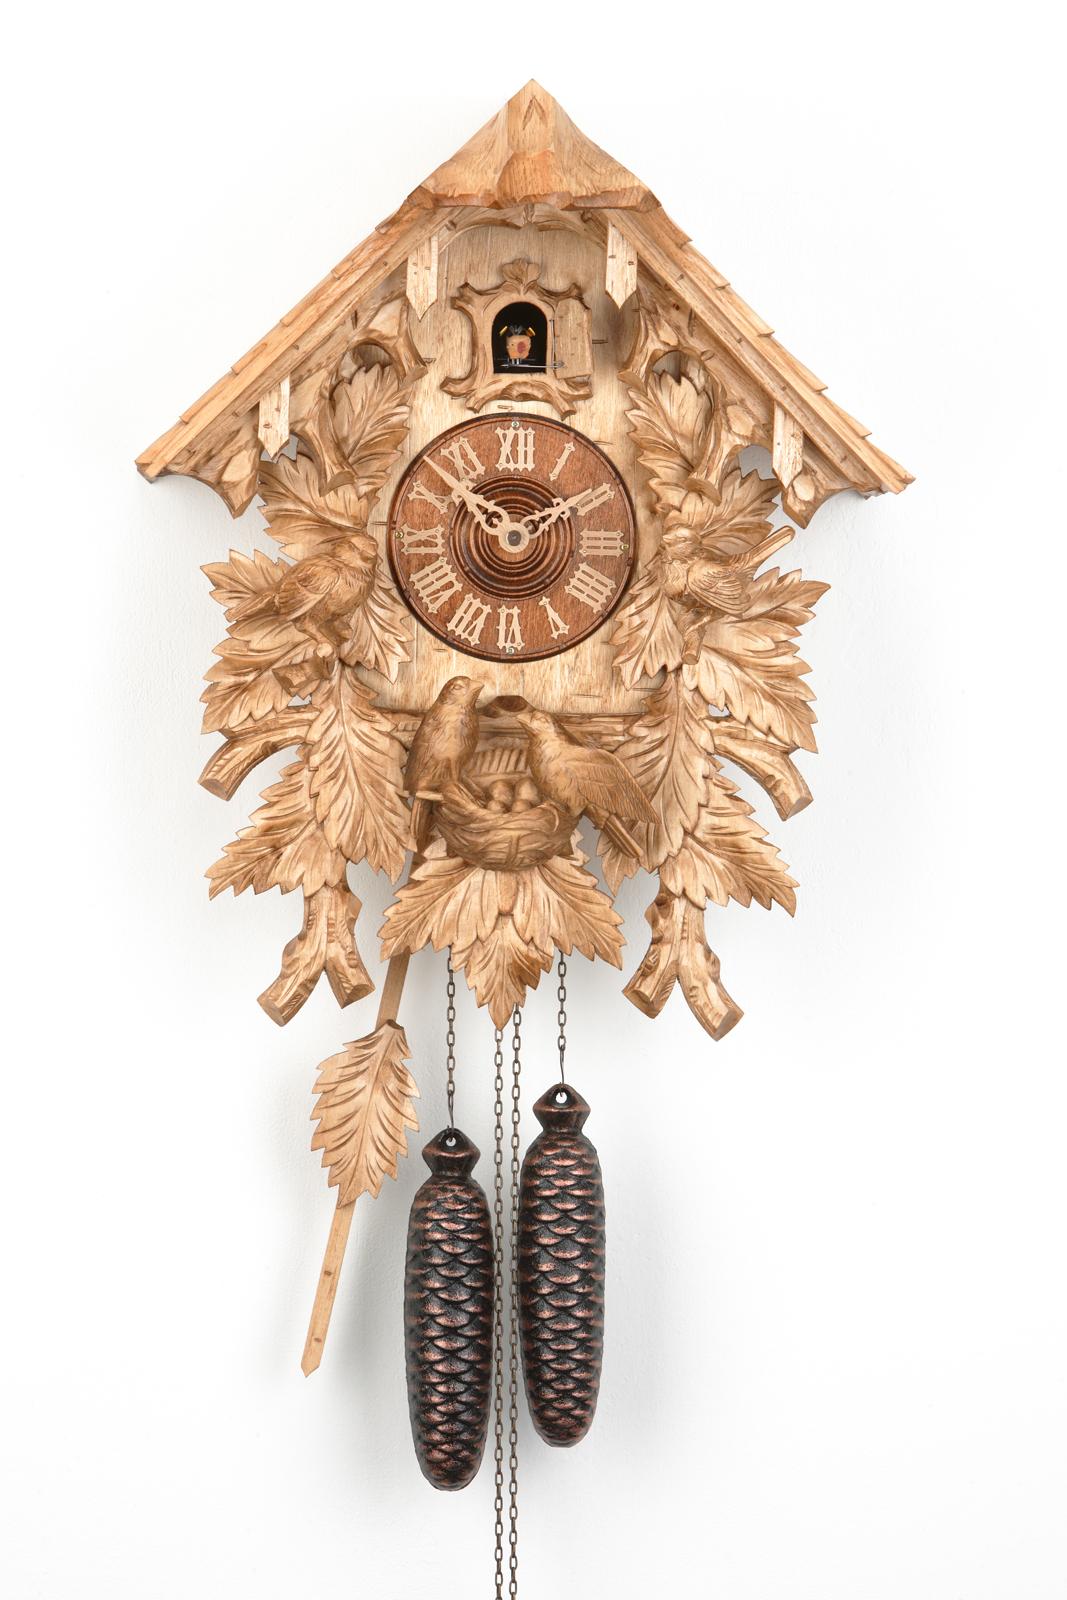 8 Tage Kuckucksuhr Schwarzwaldhaus mit Vogelfamilie